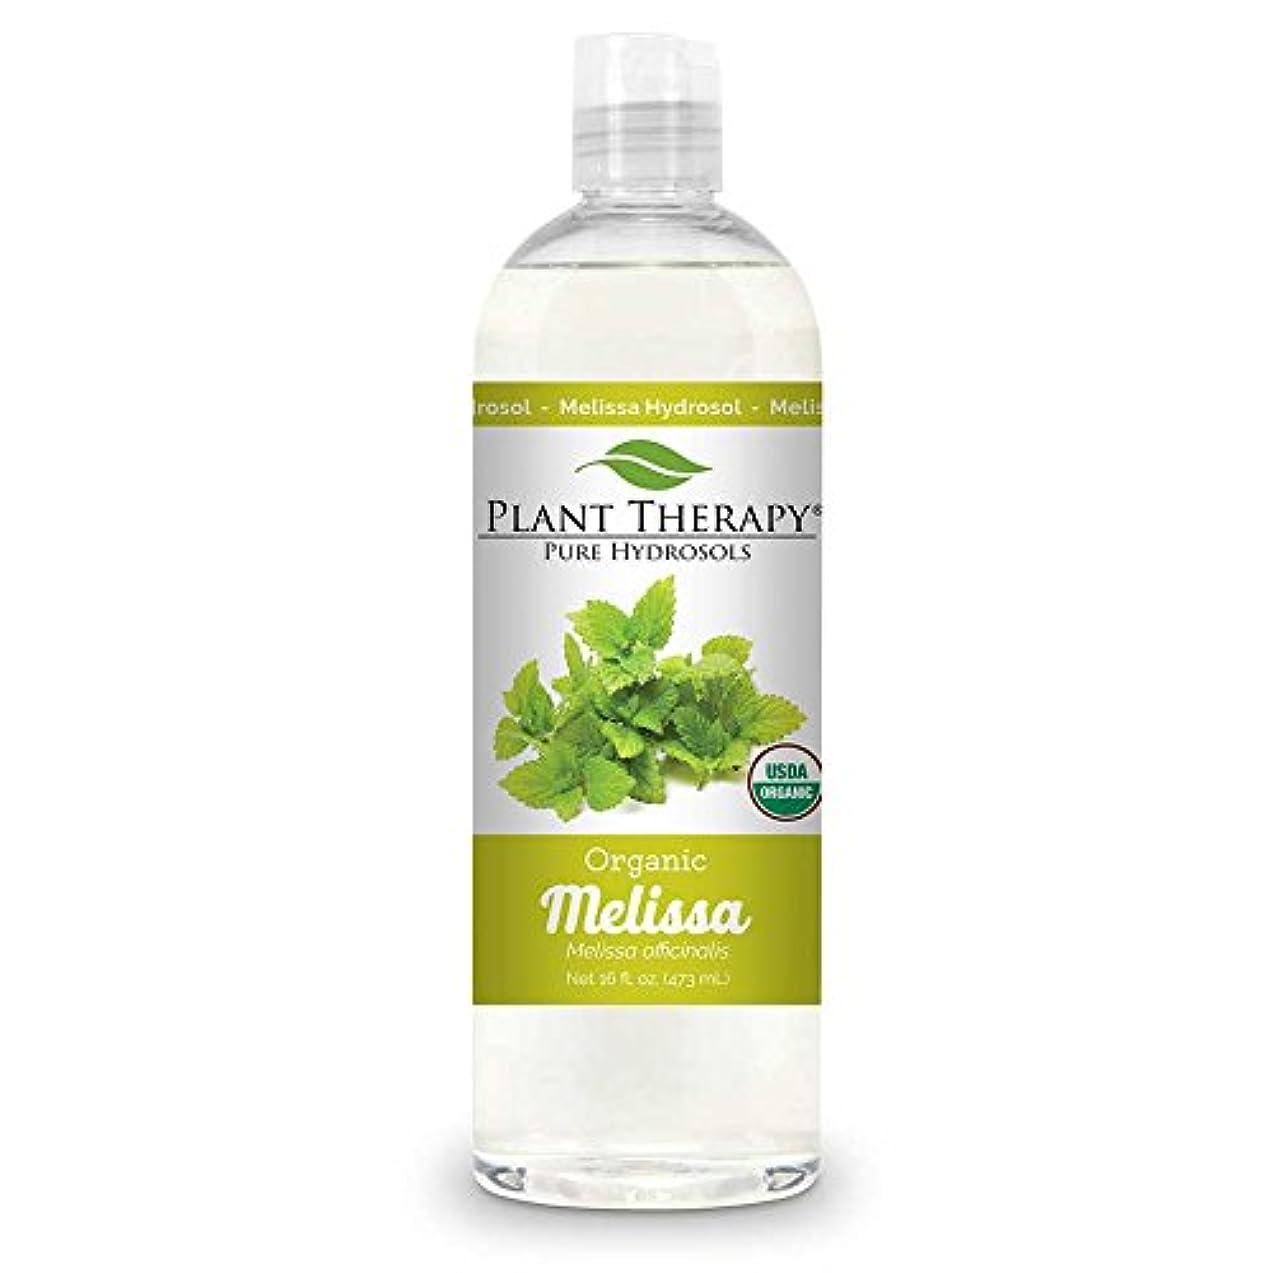 芝生率直な健康的エッセンシャルオイルの植物セラピーメリッサORGANICヒドロゾル16オンス(フラワー水)バイプロダクト